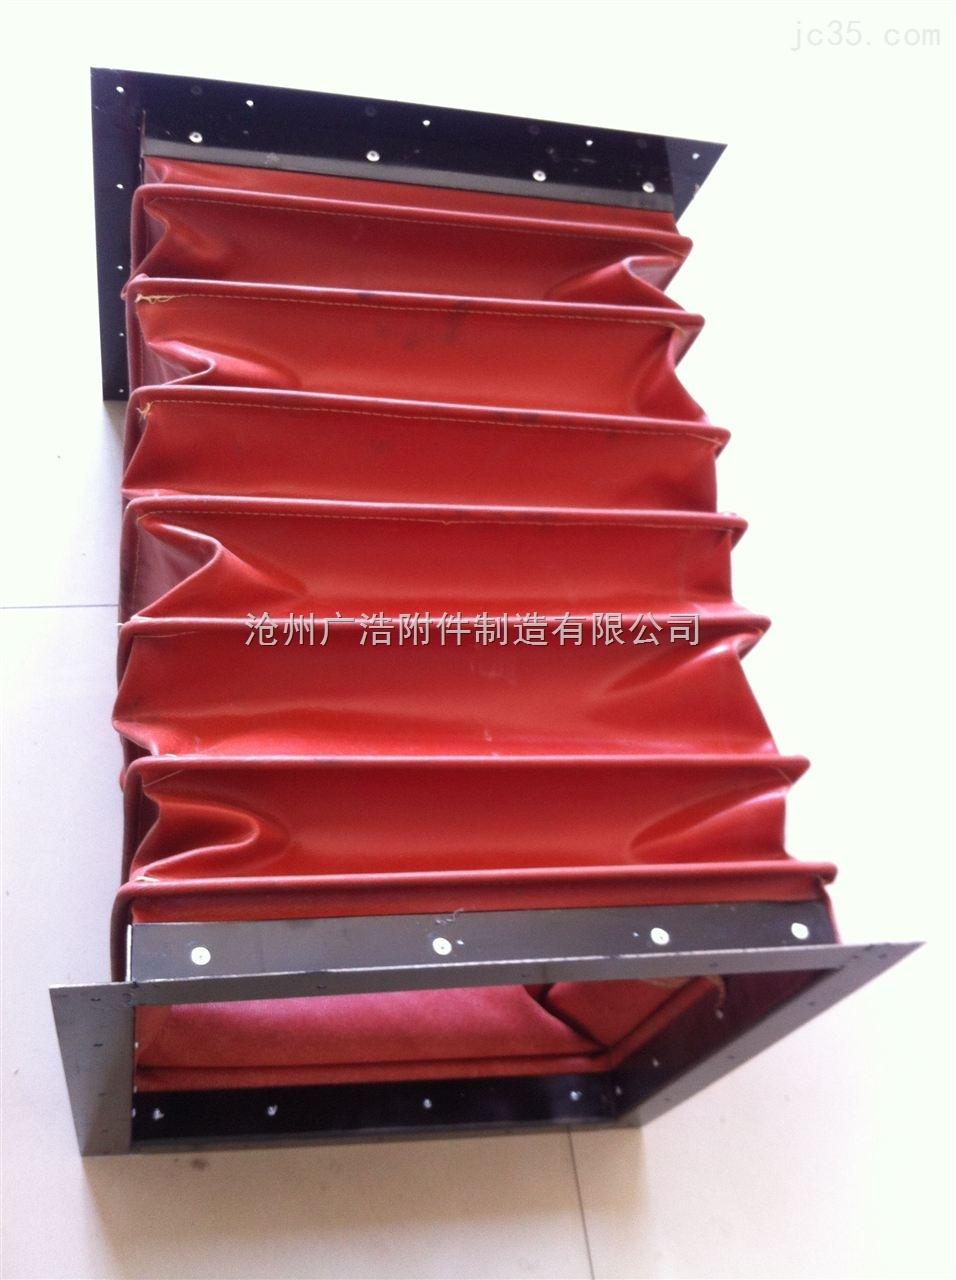 方形红色硅胶布软连接新品上市